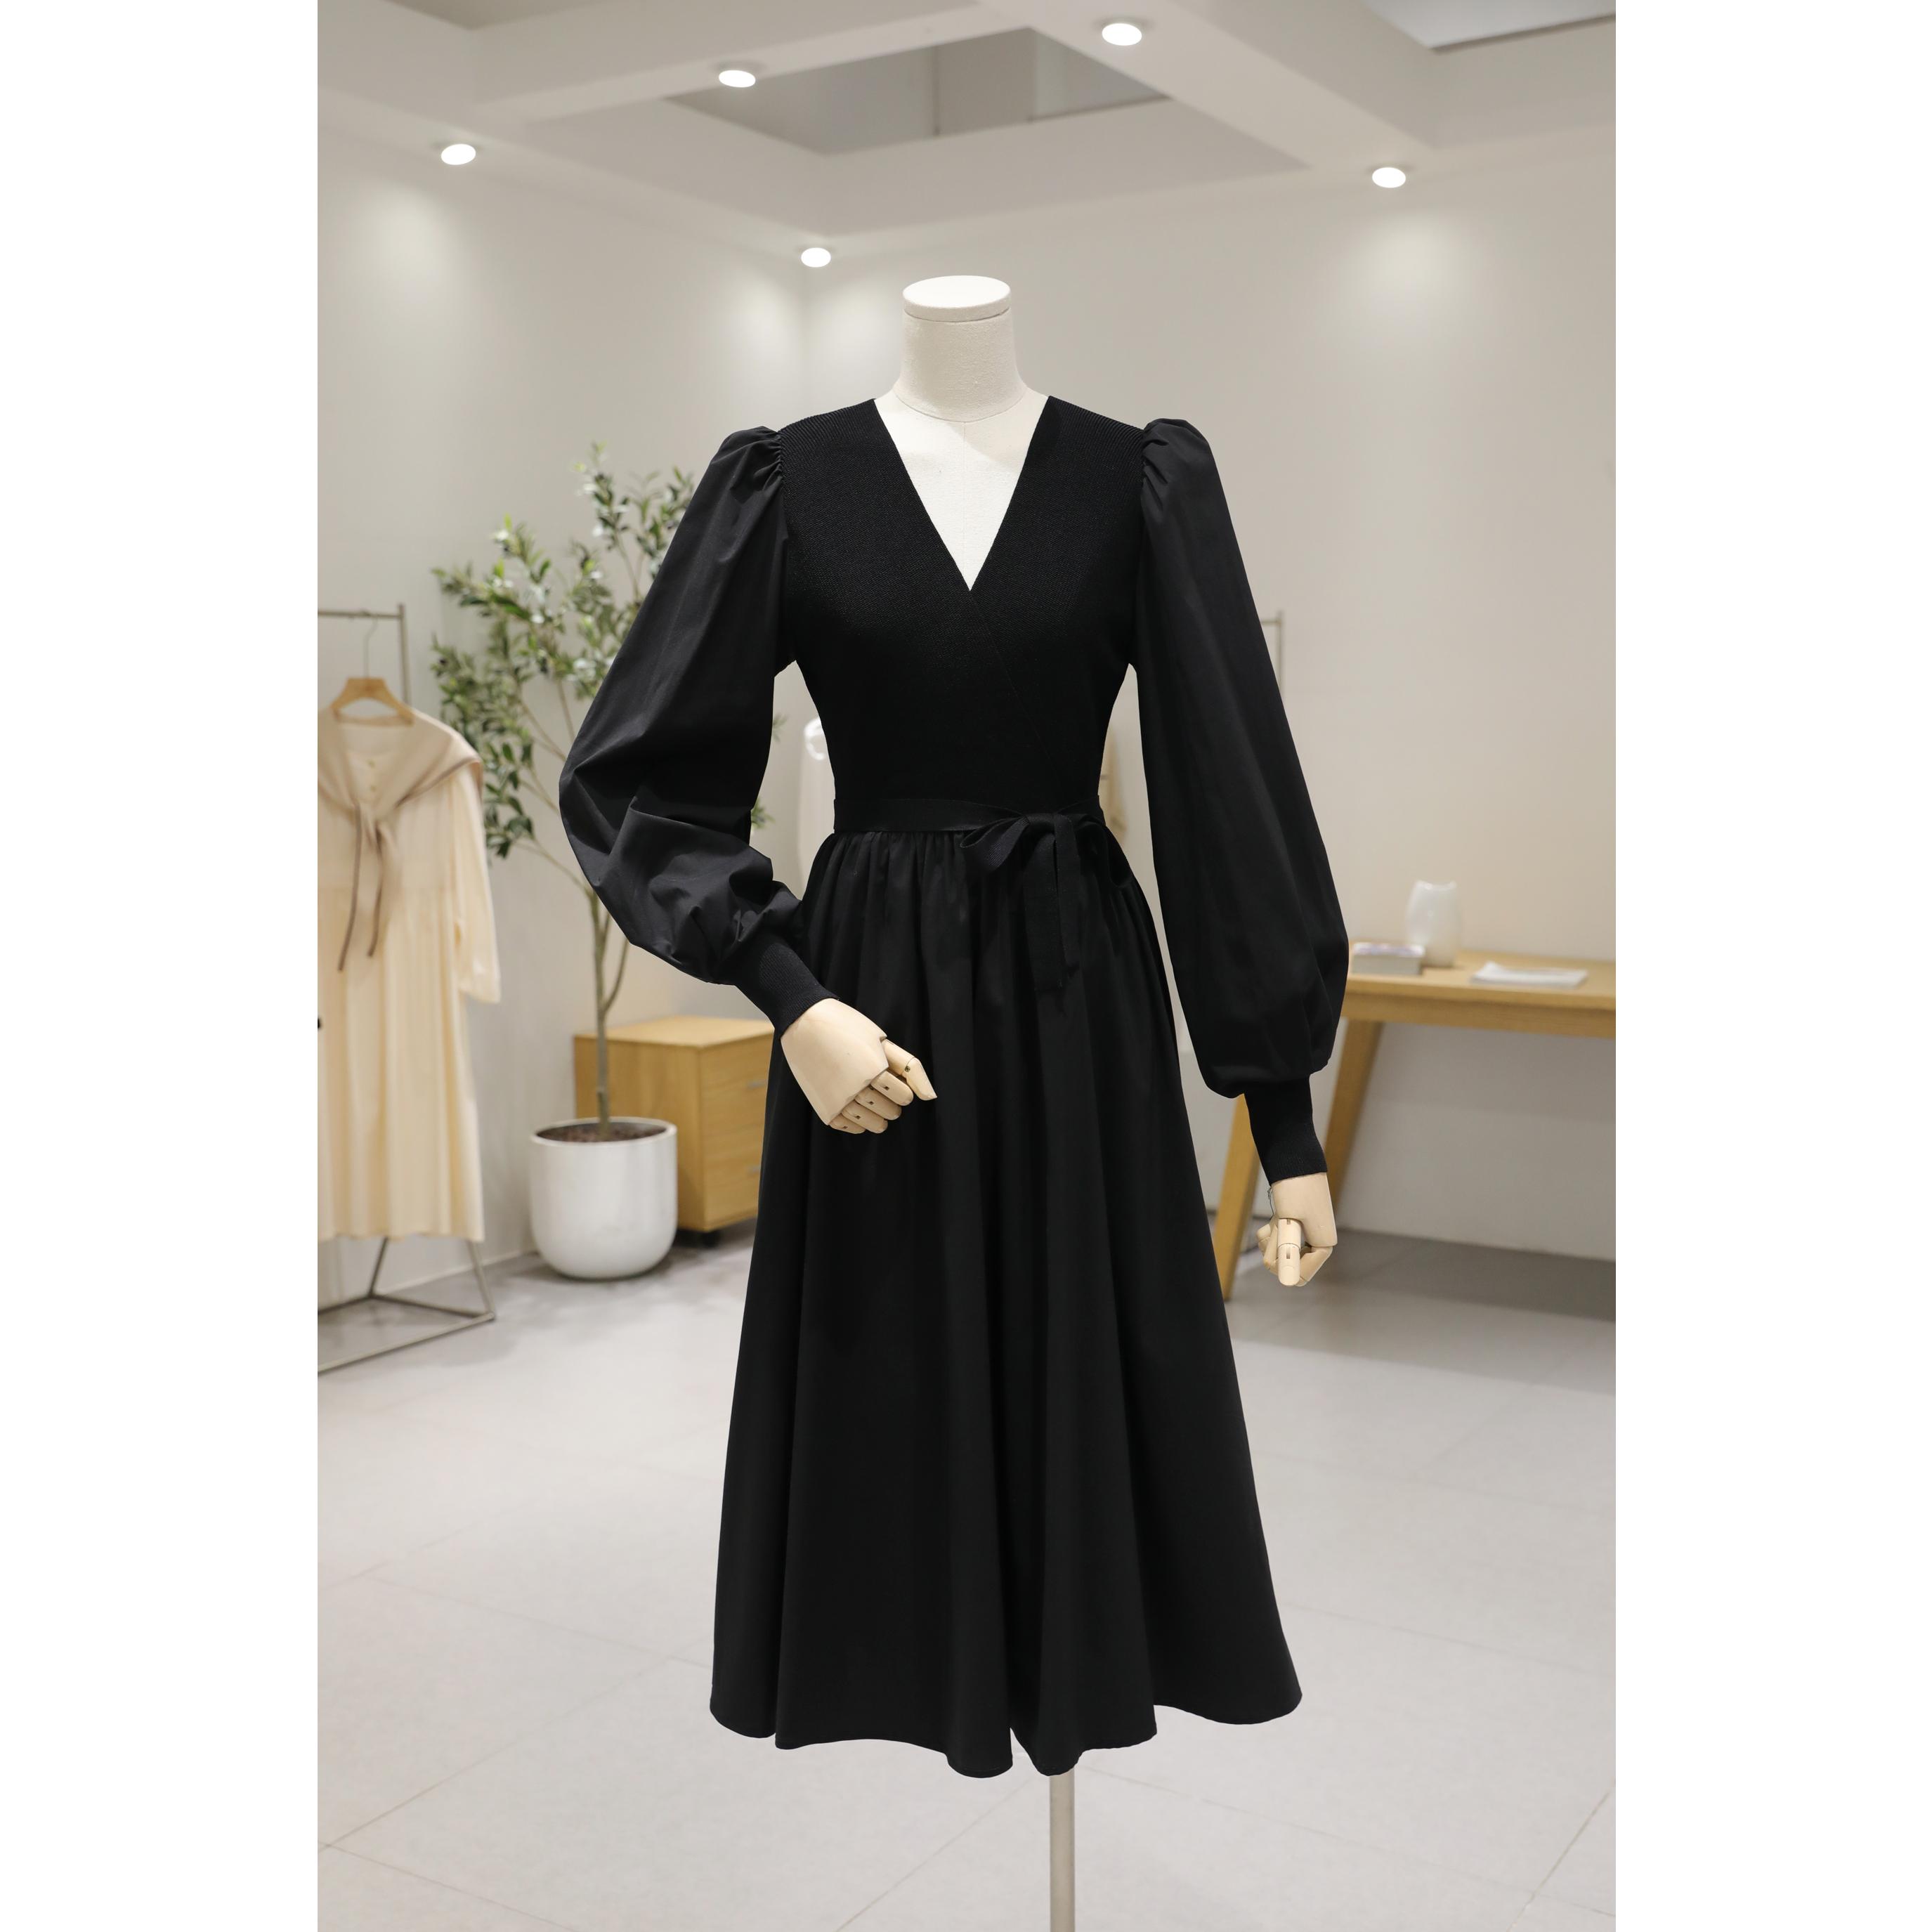 黑色赫本风连衣裙女秋2020新款复古小众法式针织拼接泡泡袖中长裙